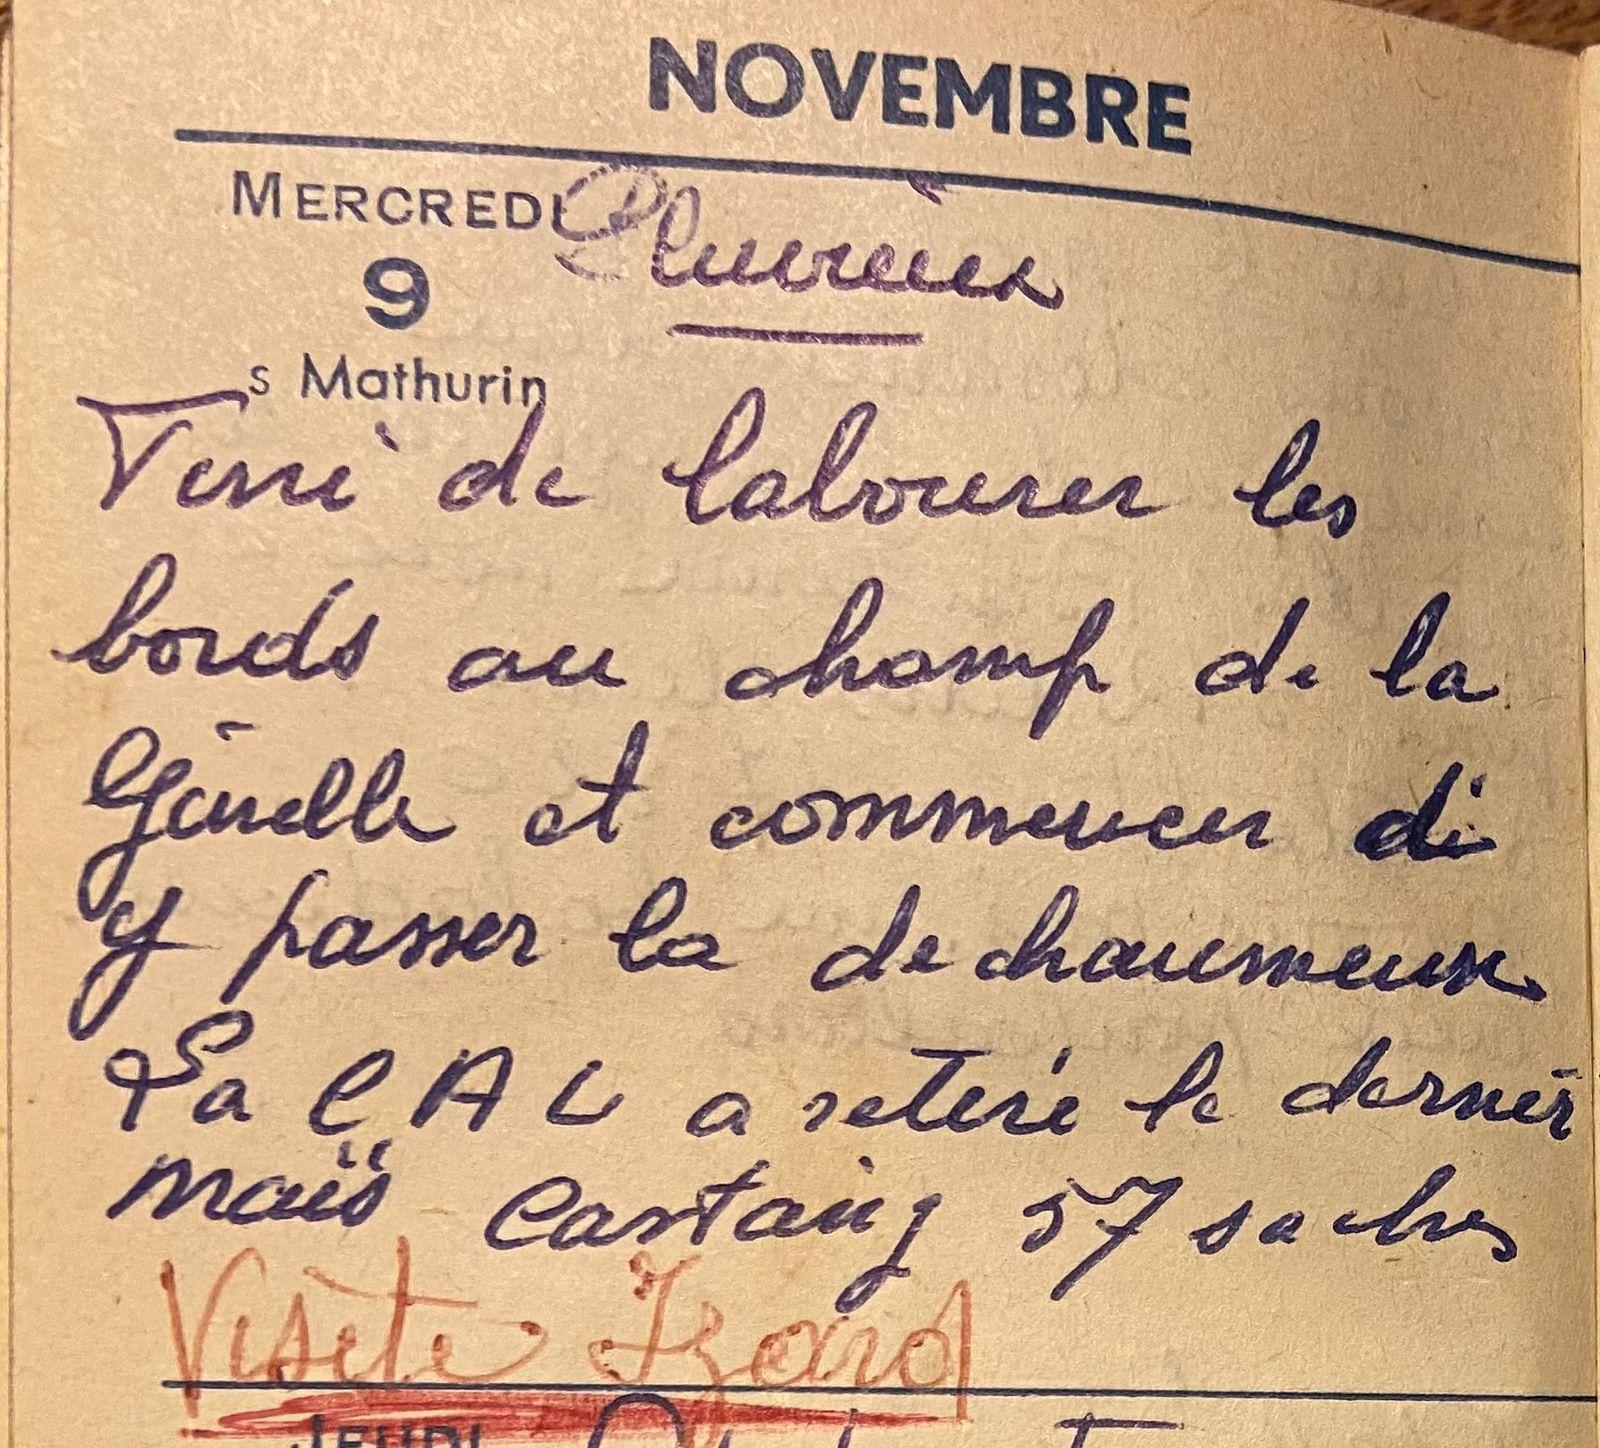 Mercredi 9 novembre 1960 - labourer et déchaumer